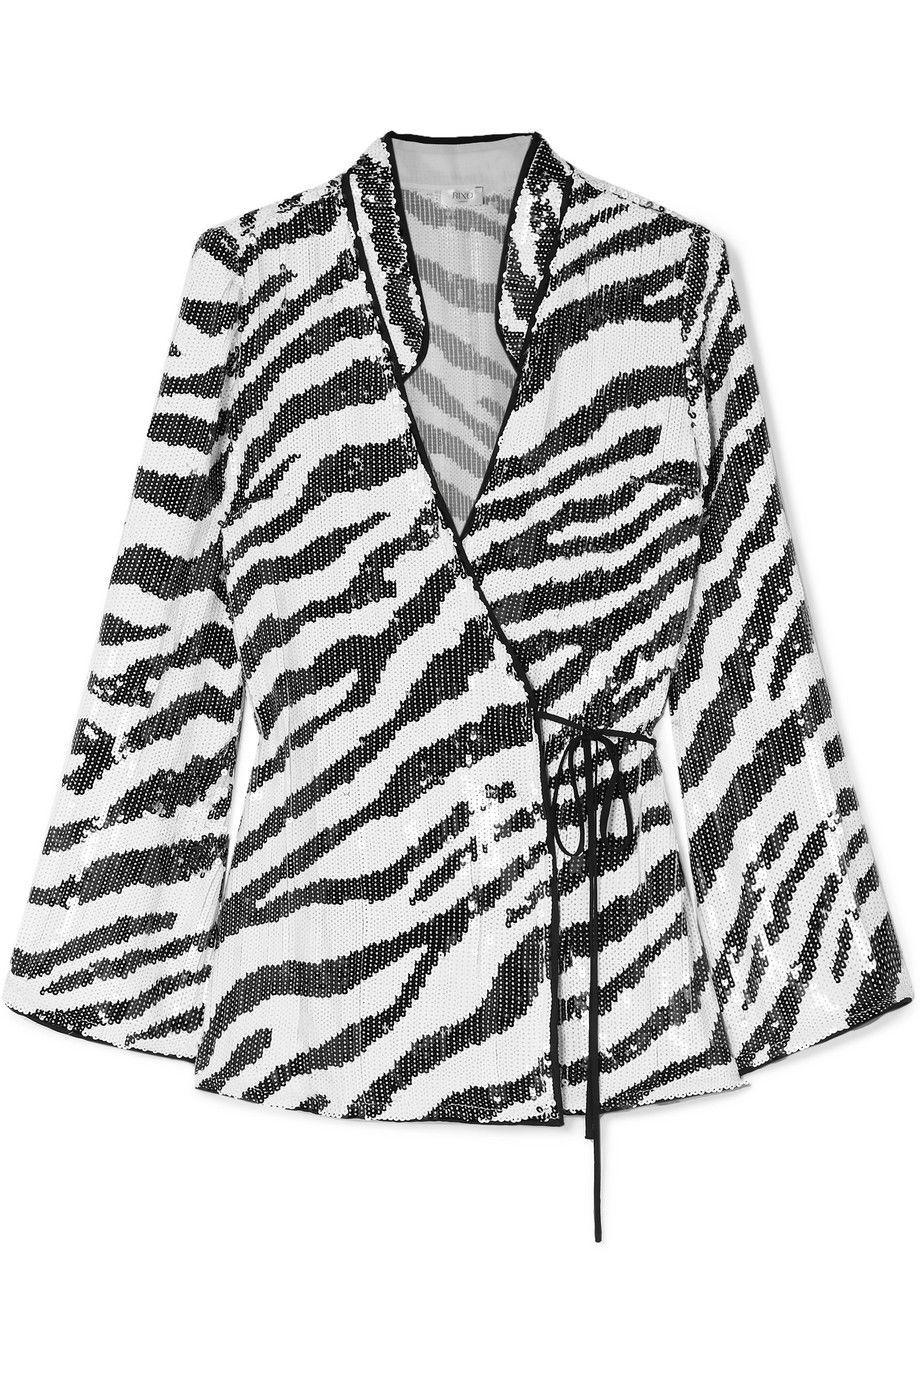 #PopbelaOOTD: Blouse Cantik untuk 'Pencitraan' di Kencan Pertama